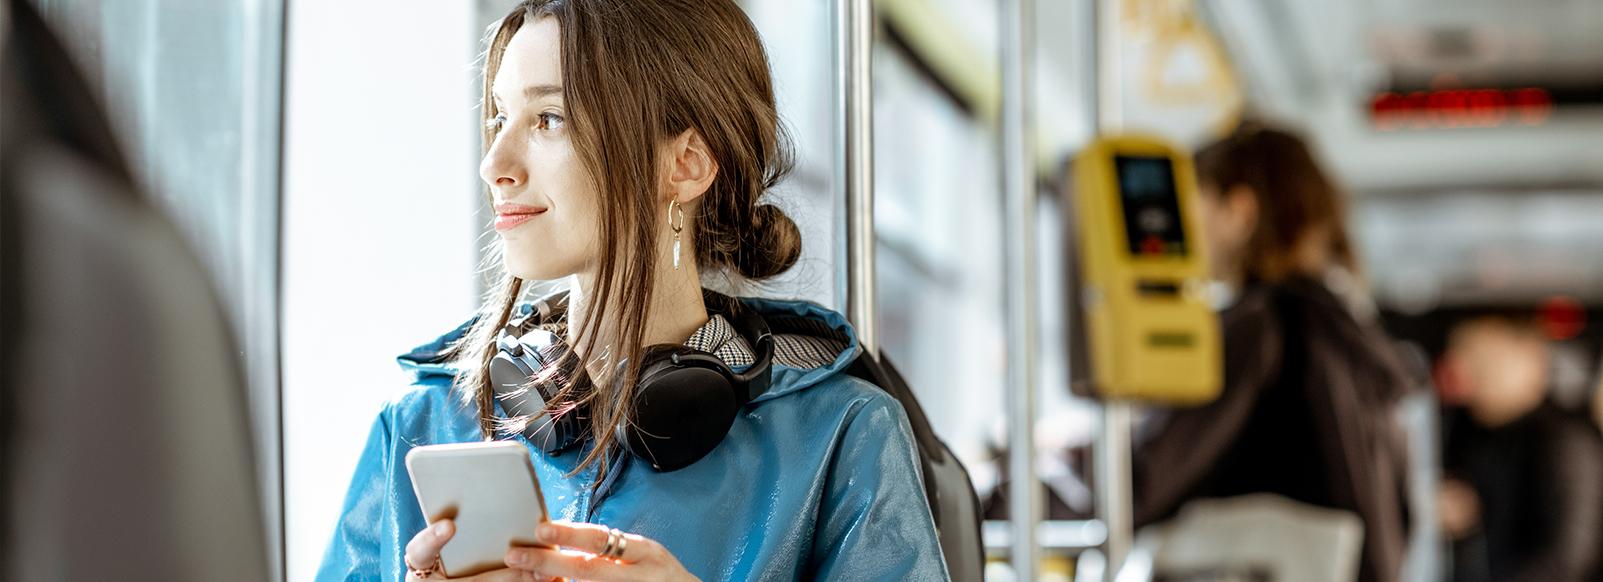 Femme bus transport à la demande smartphone pour réservation